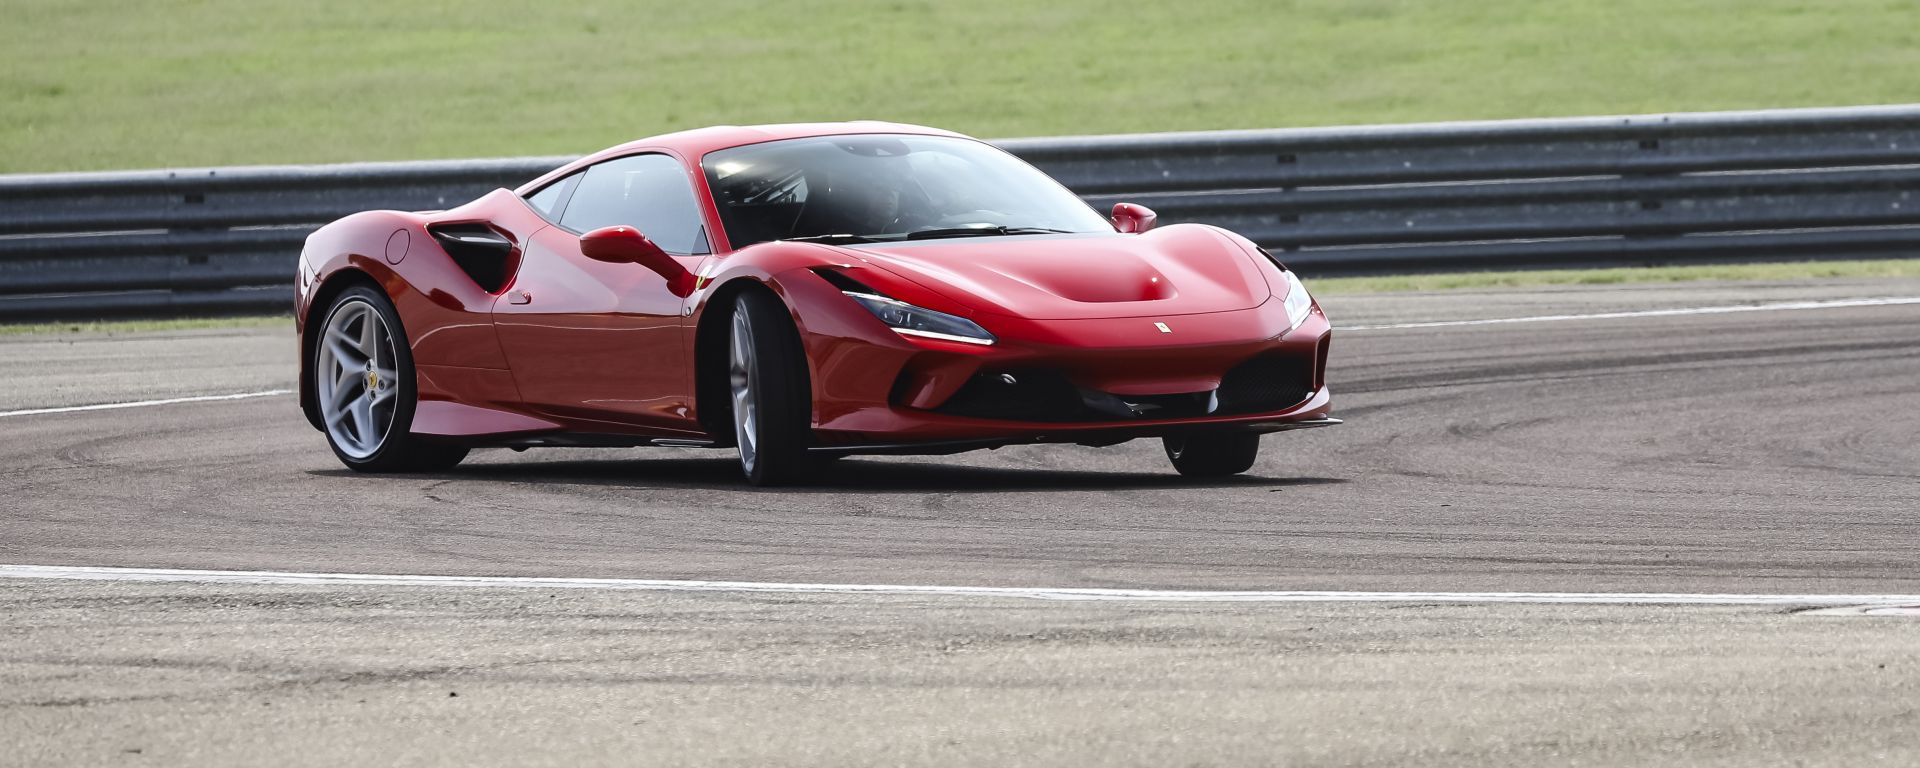 """Al volante della Ferrari F8 Tributo: dalla """"Pista"""" alla strada"""